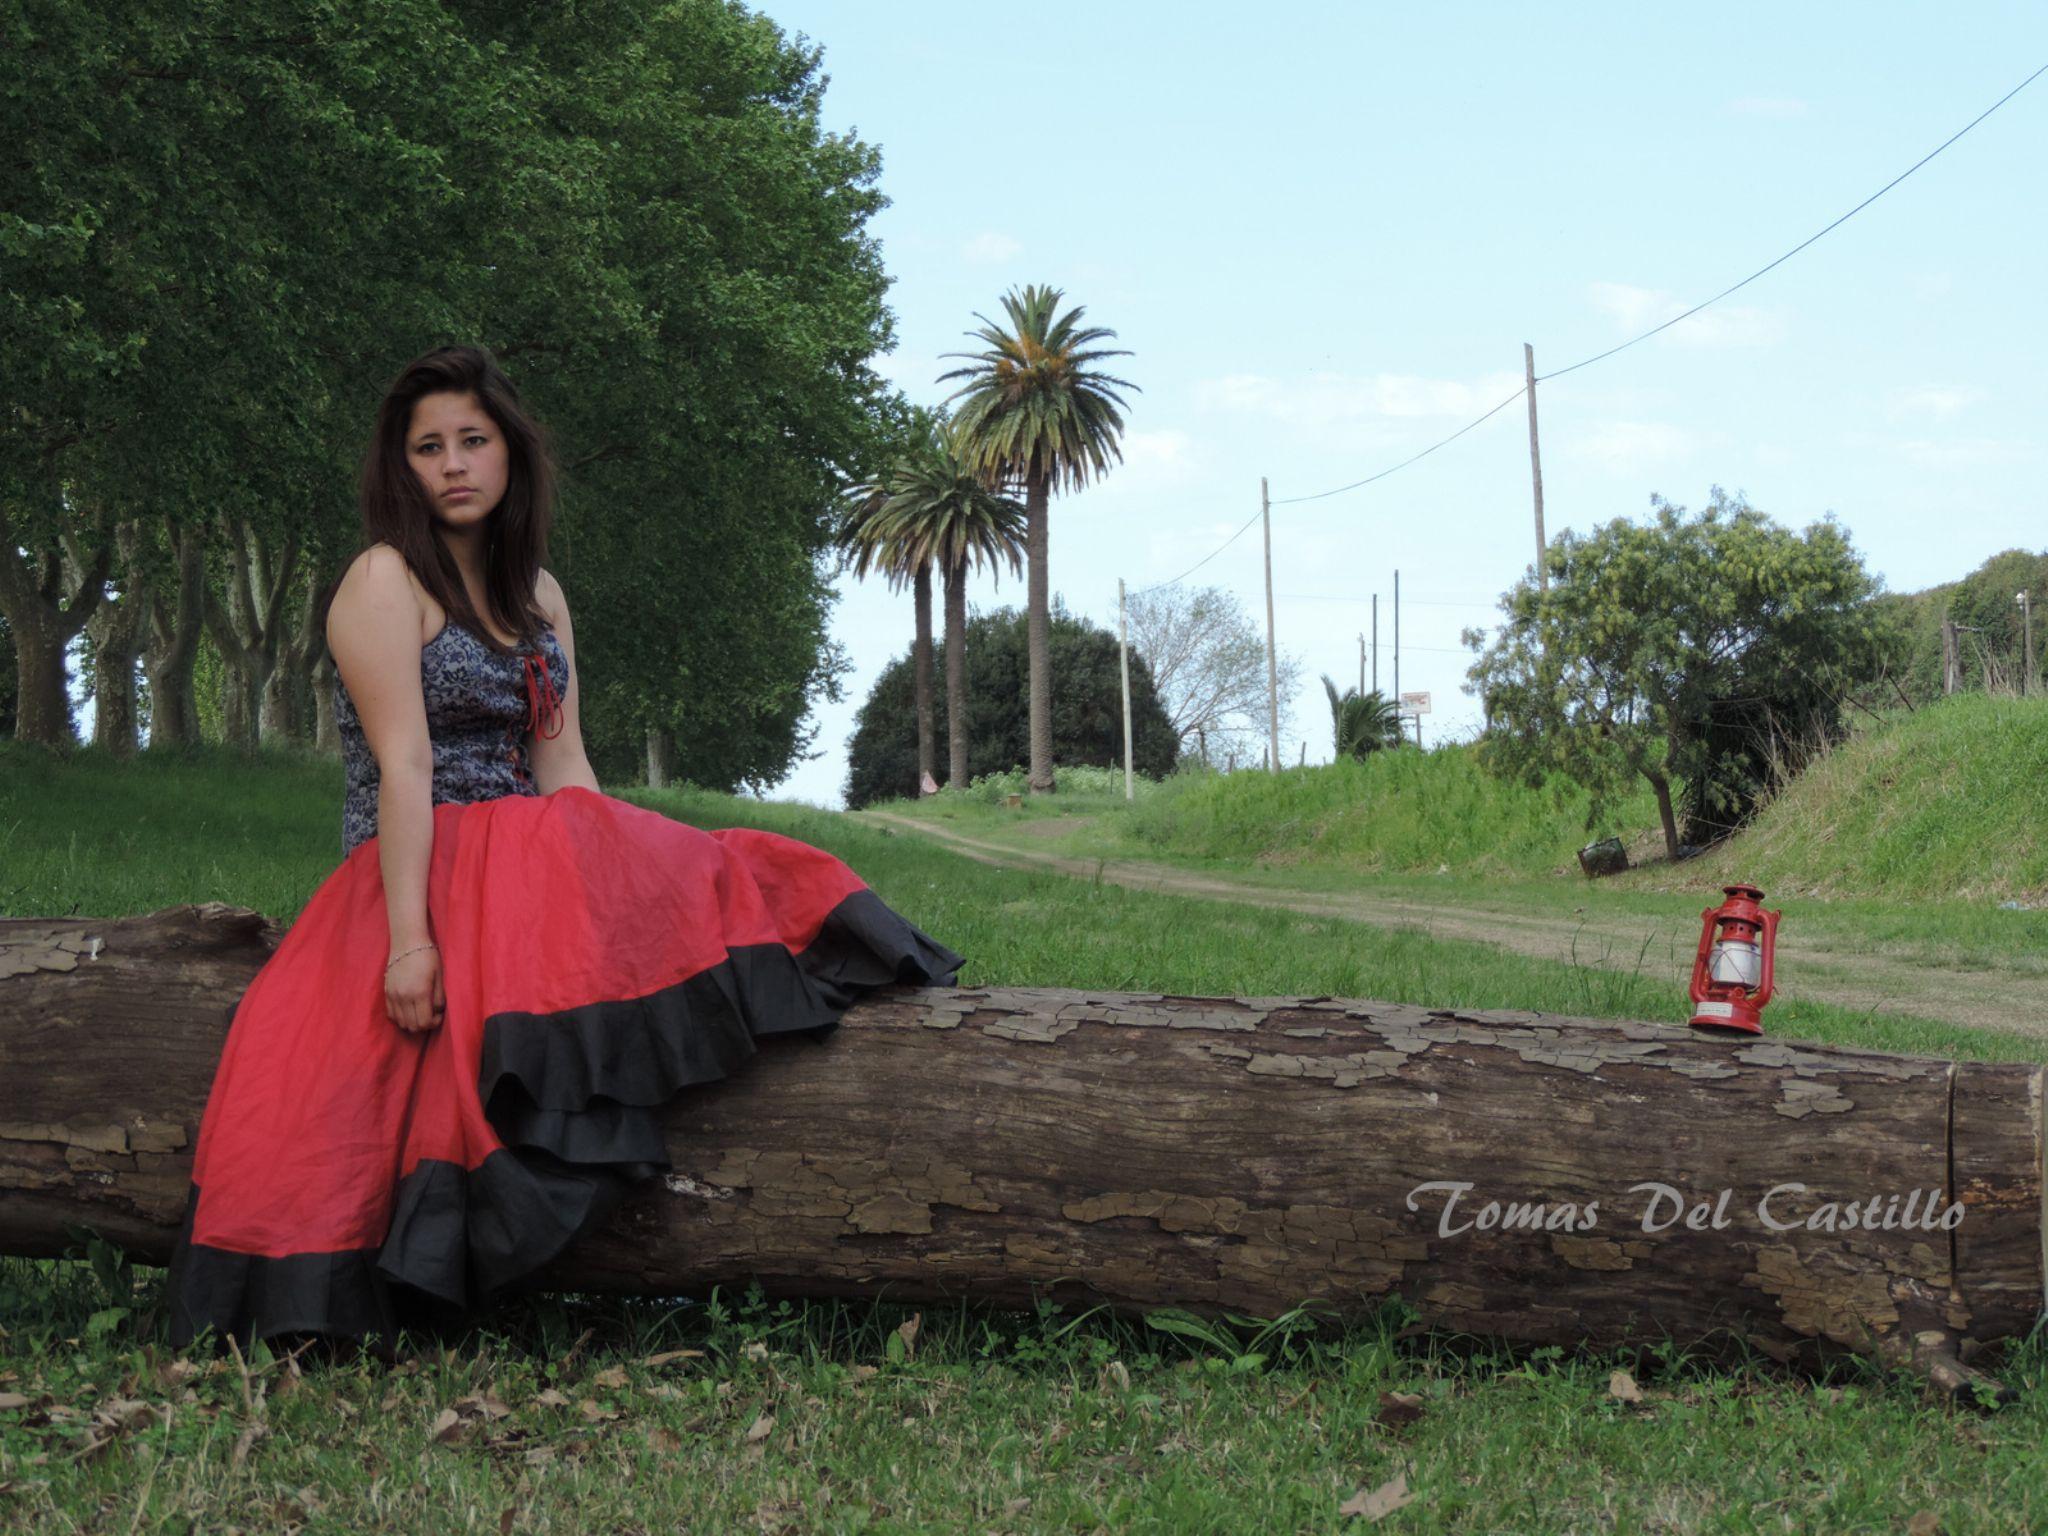 She by Tomas Del Castillo